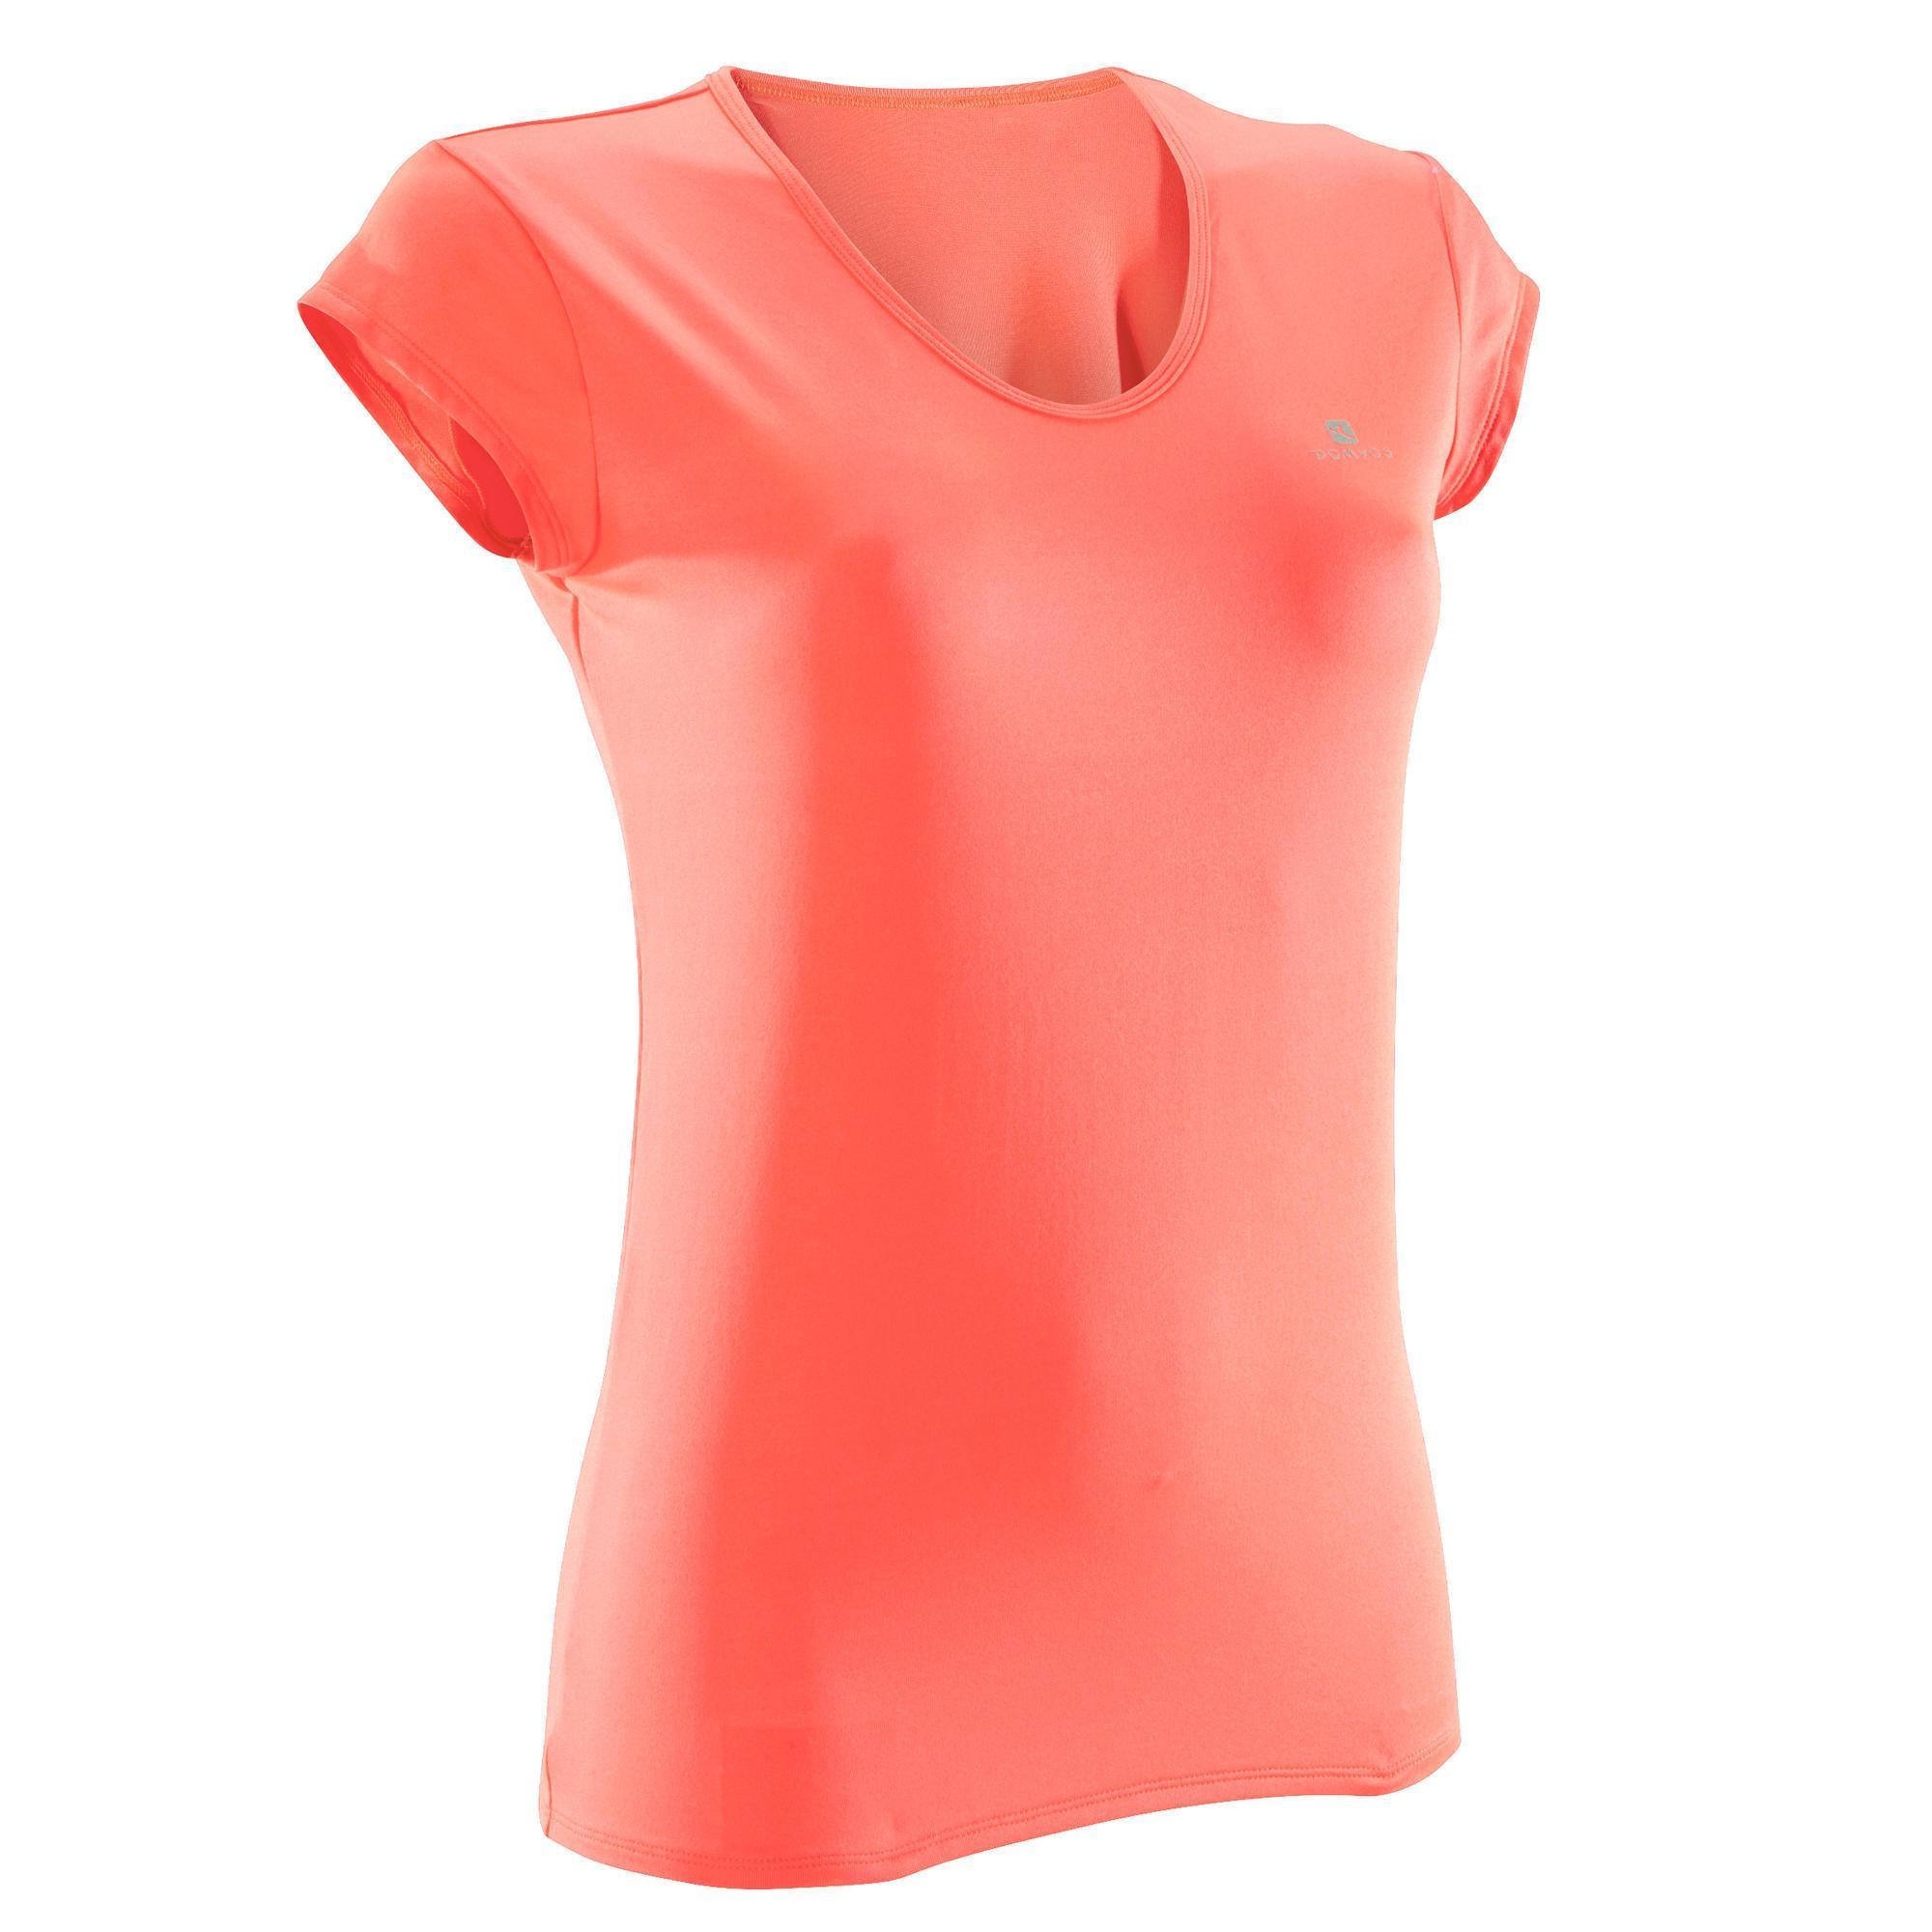 Domyos Dames T-shirt voor fitness en cardiotraining koraal 100